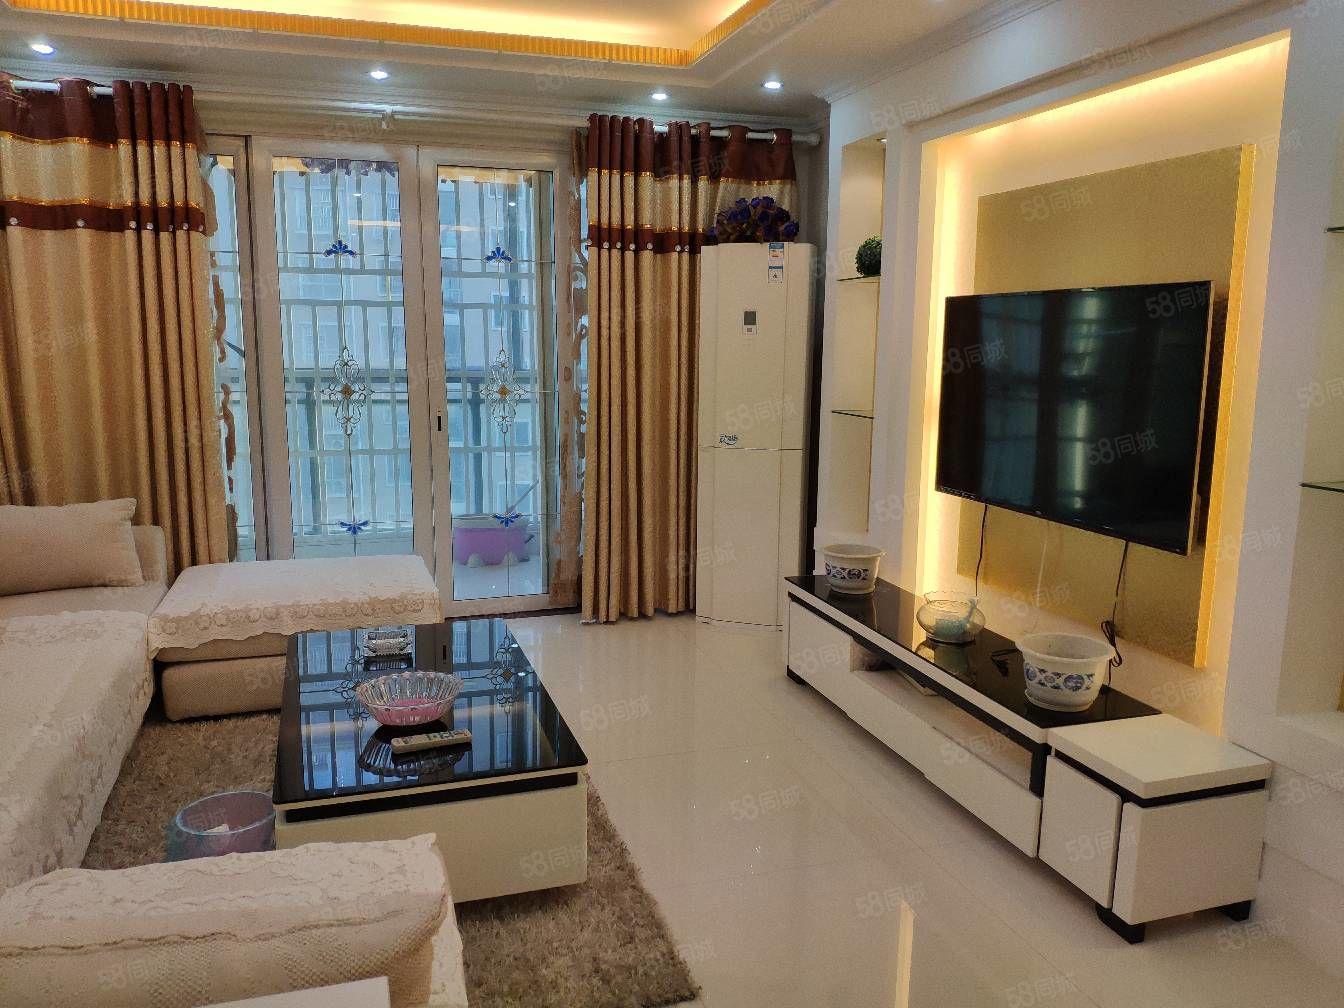 长江花城2期2楼4室2厅2卫精装修2500元月